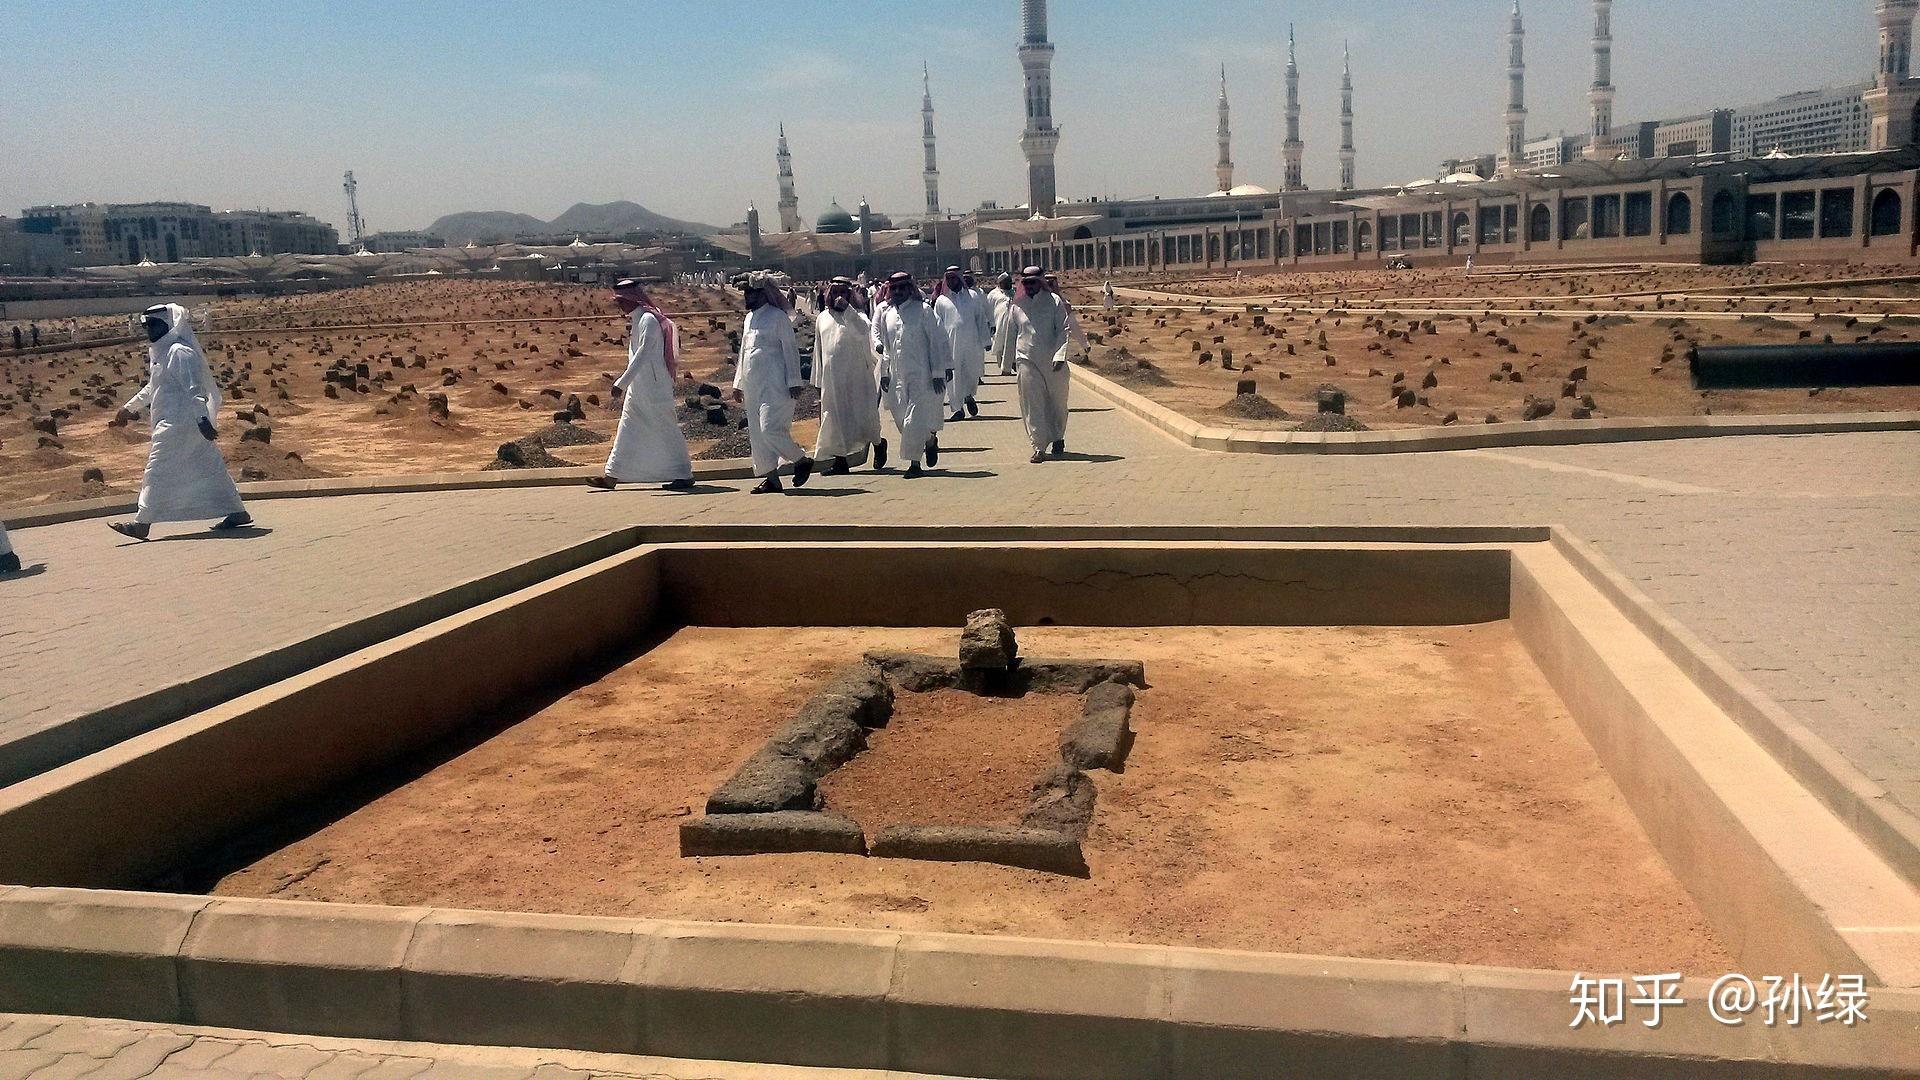 文物古迹的破坏情况_中东的恐怖分子怎么总是破坏文物古迹? - 知乎